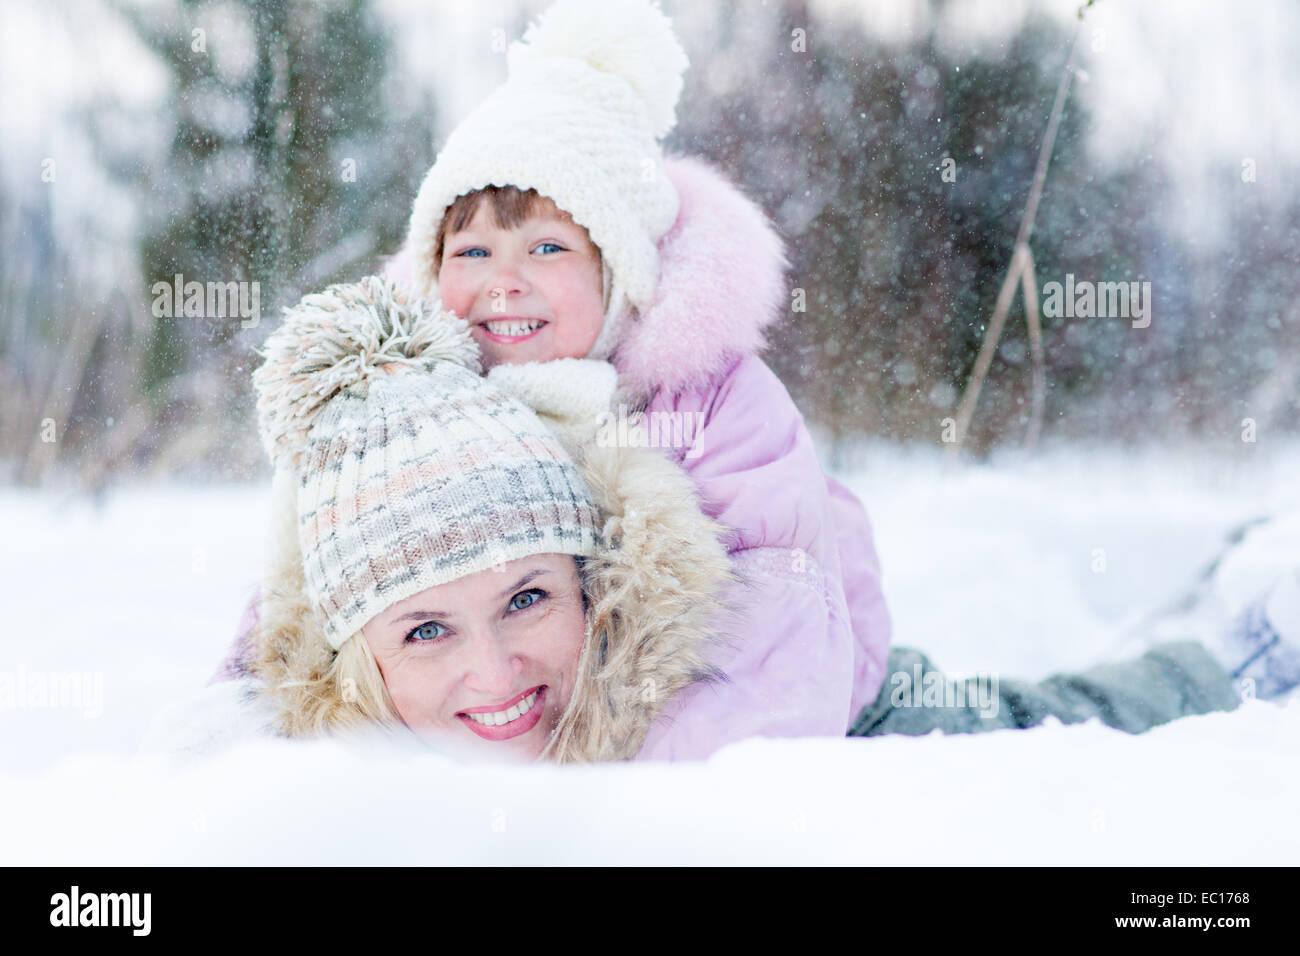 Feliz mãe e kid brincar com neve no inverno piscina Imagens de Stock